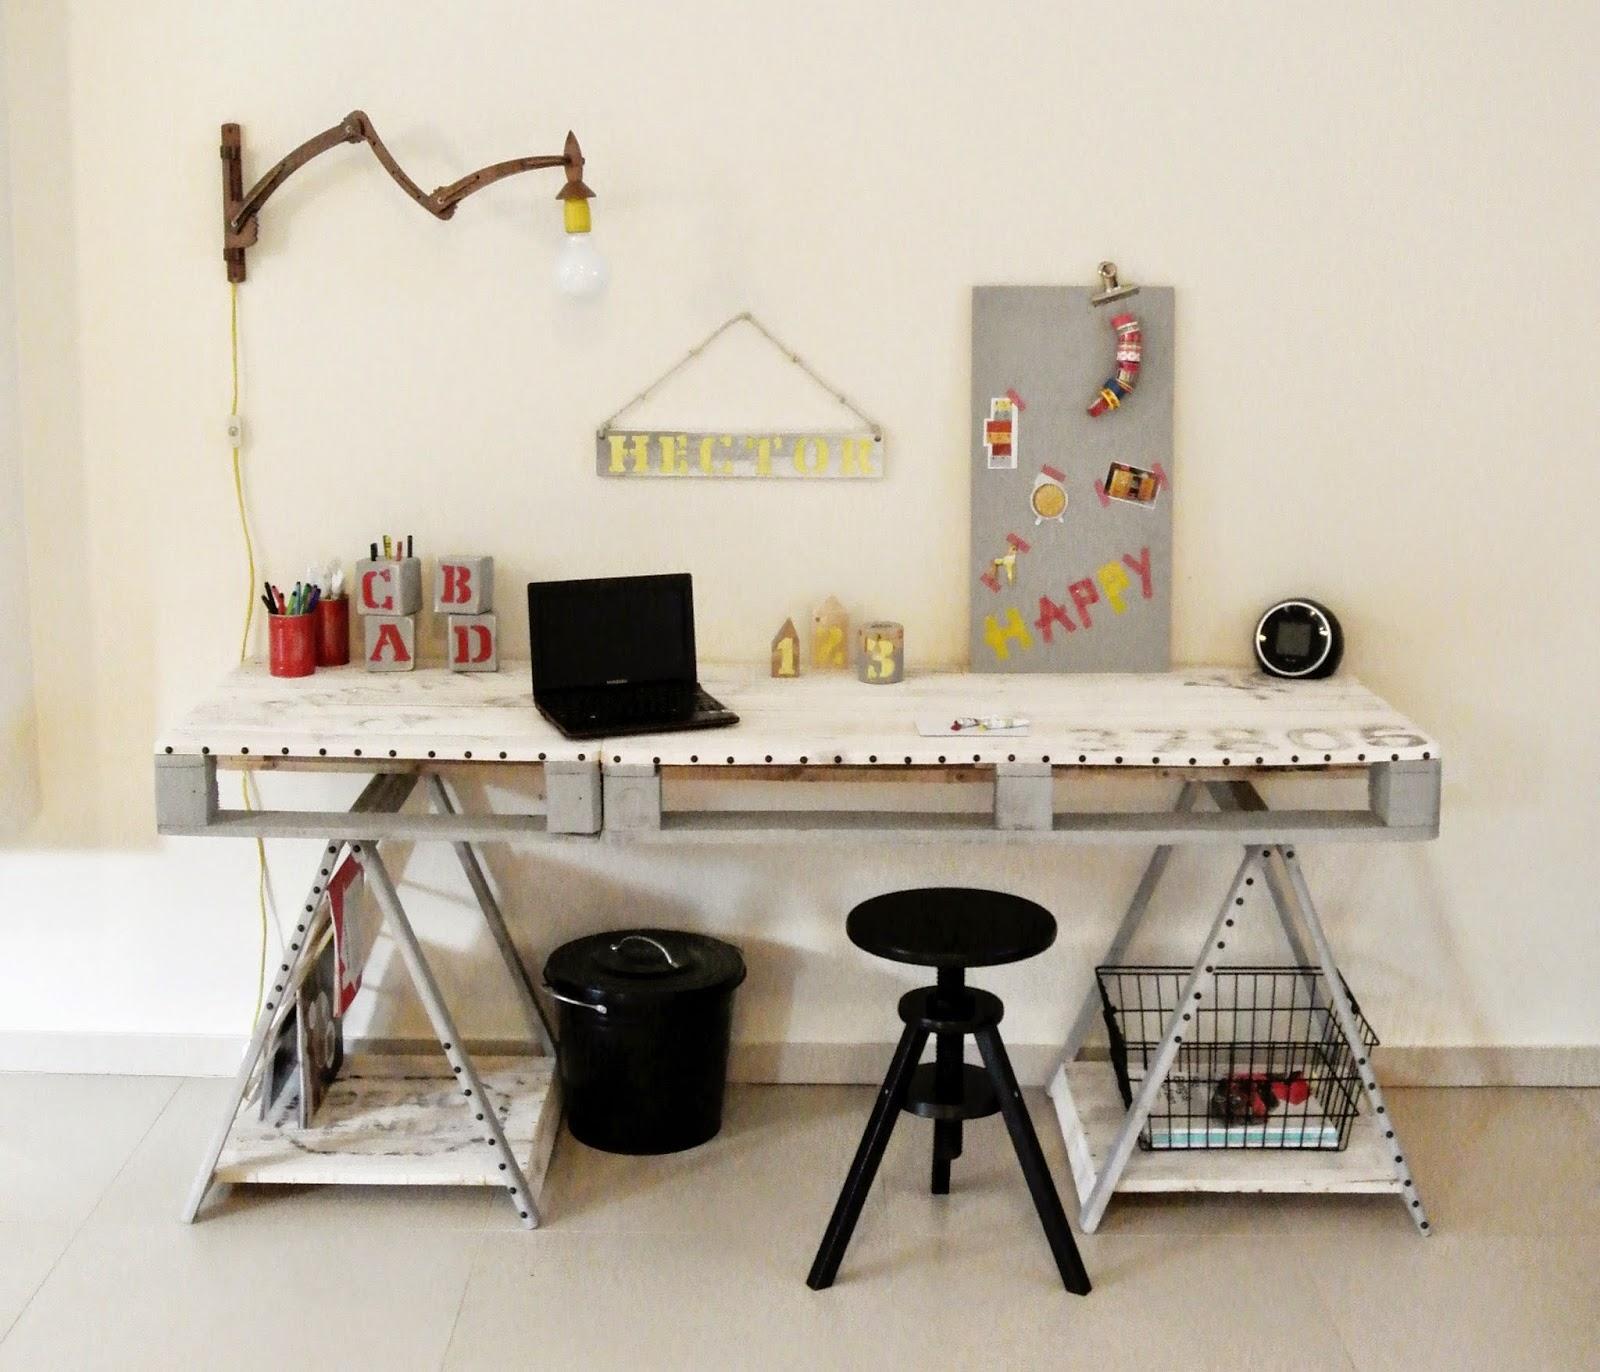 industrialne biurko,biurko z palet DIY,jak zrobić biurko z palet,meble z palet,blog DIY,ponowne wykorzystanie palet,młodzieżowe biurko z palet,transfer na drewnie,styl loft,biurko industrialne,blog wnętrzarski